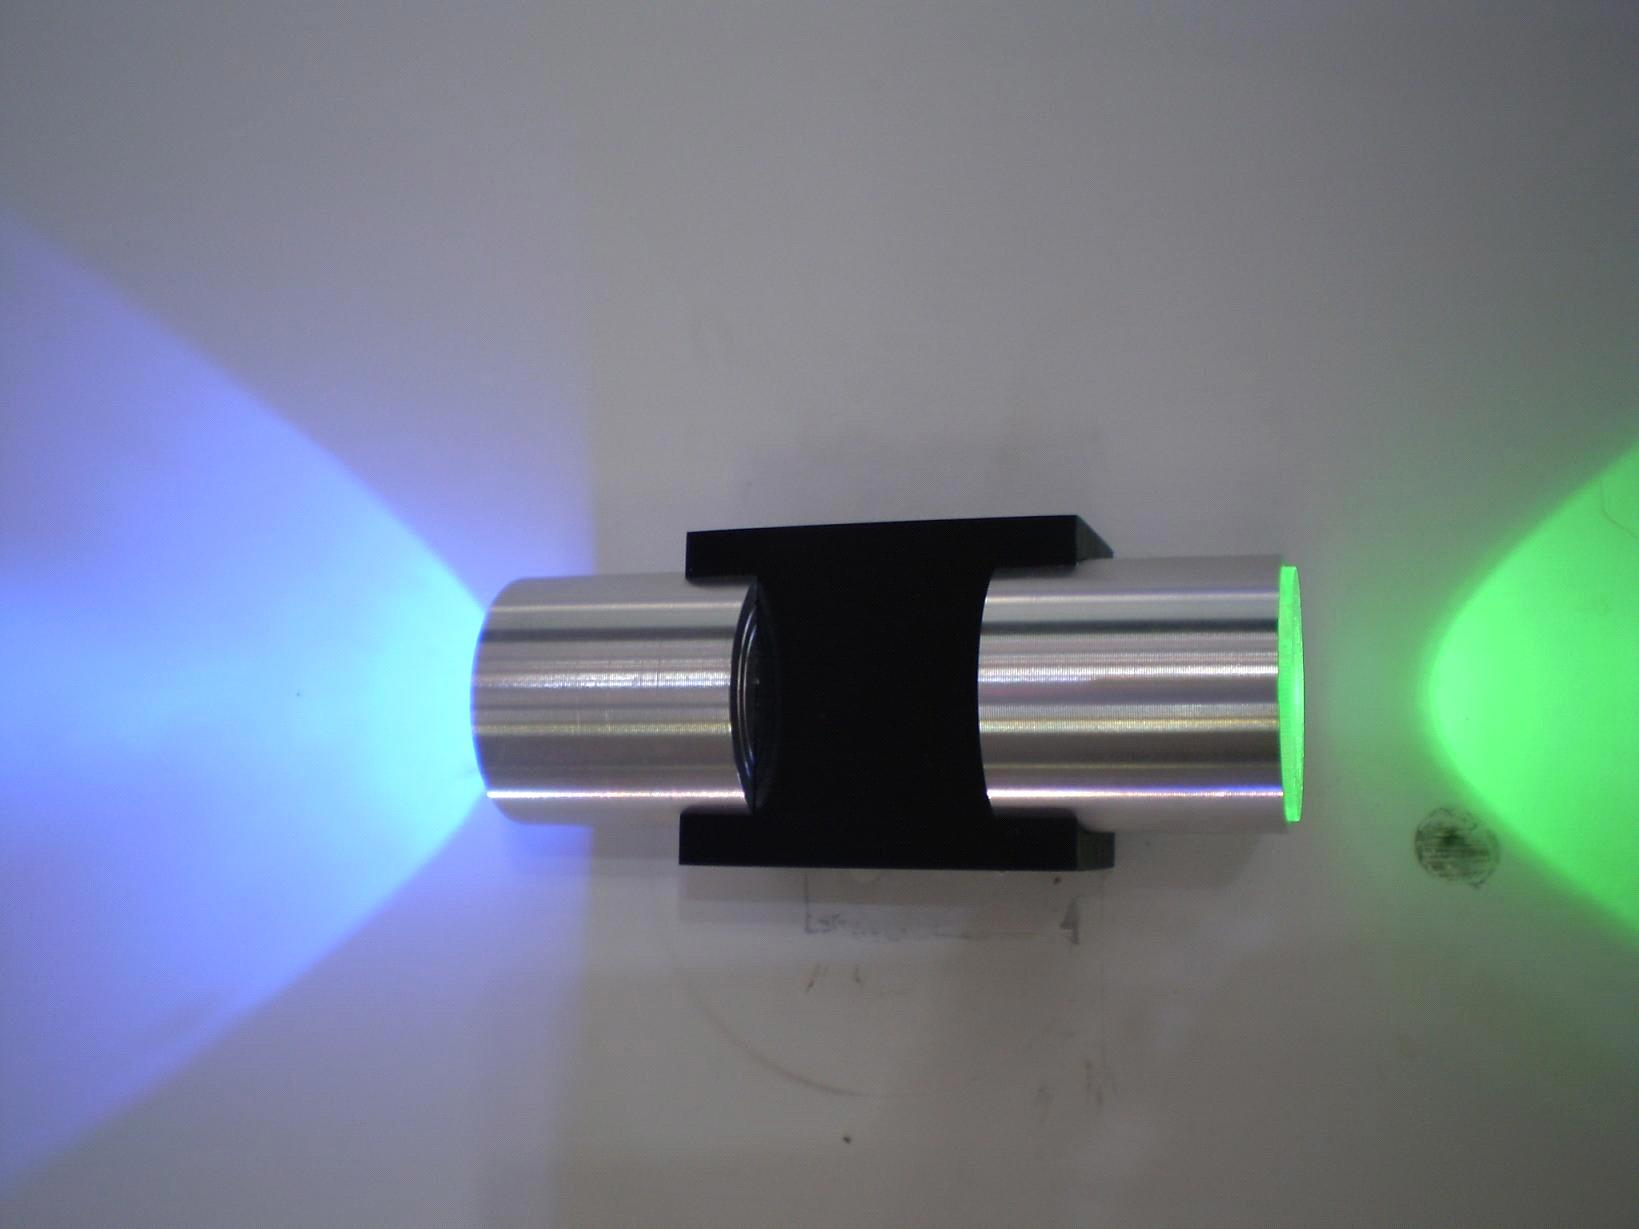 Led Lights On Wall: LED Wall Light,Lighting